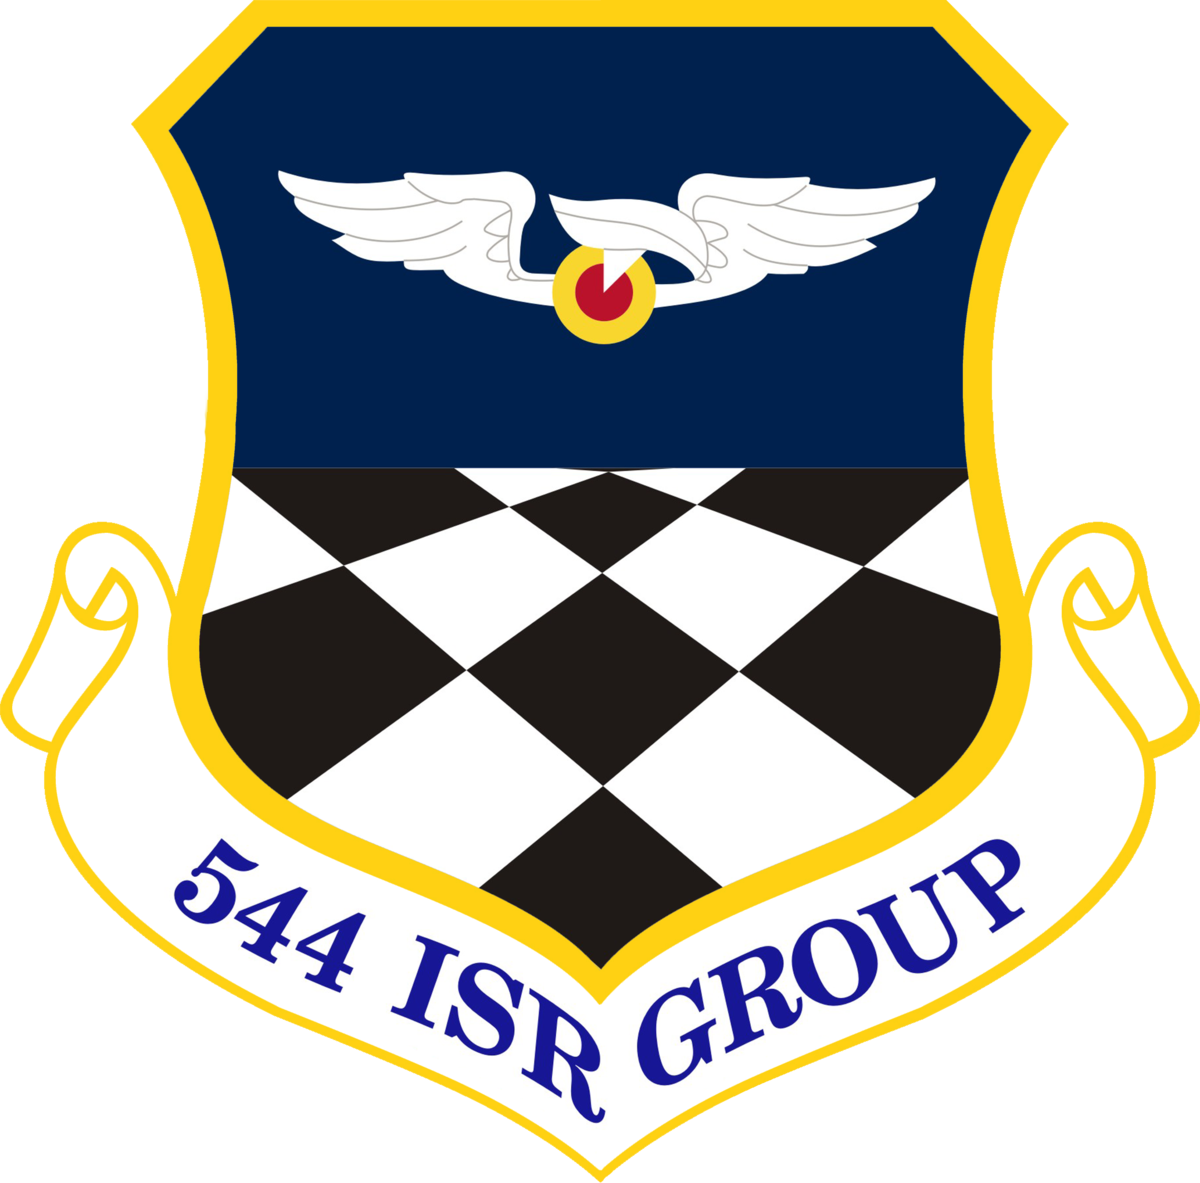 Reconnaissance Group 78